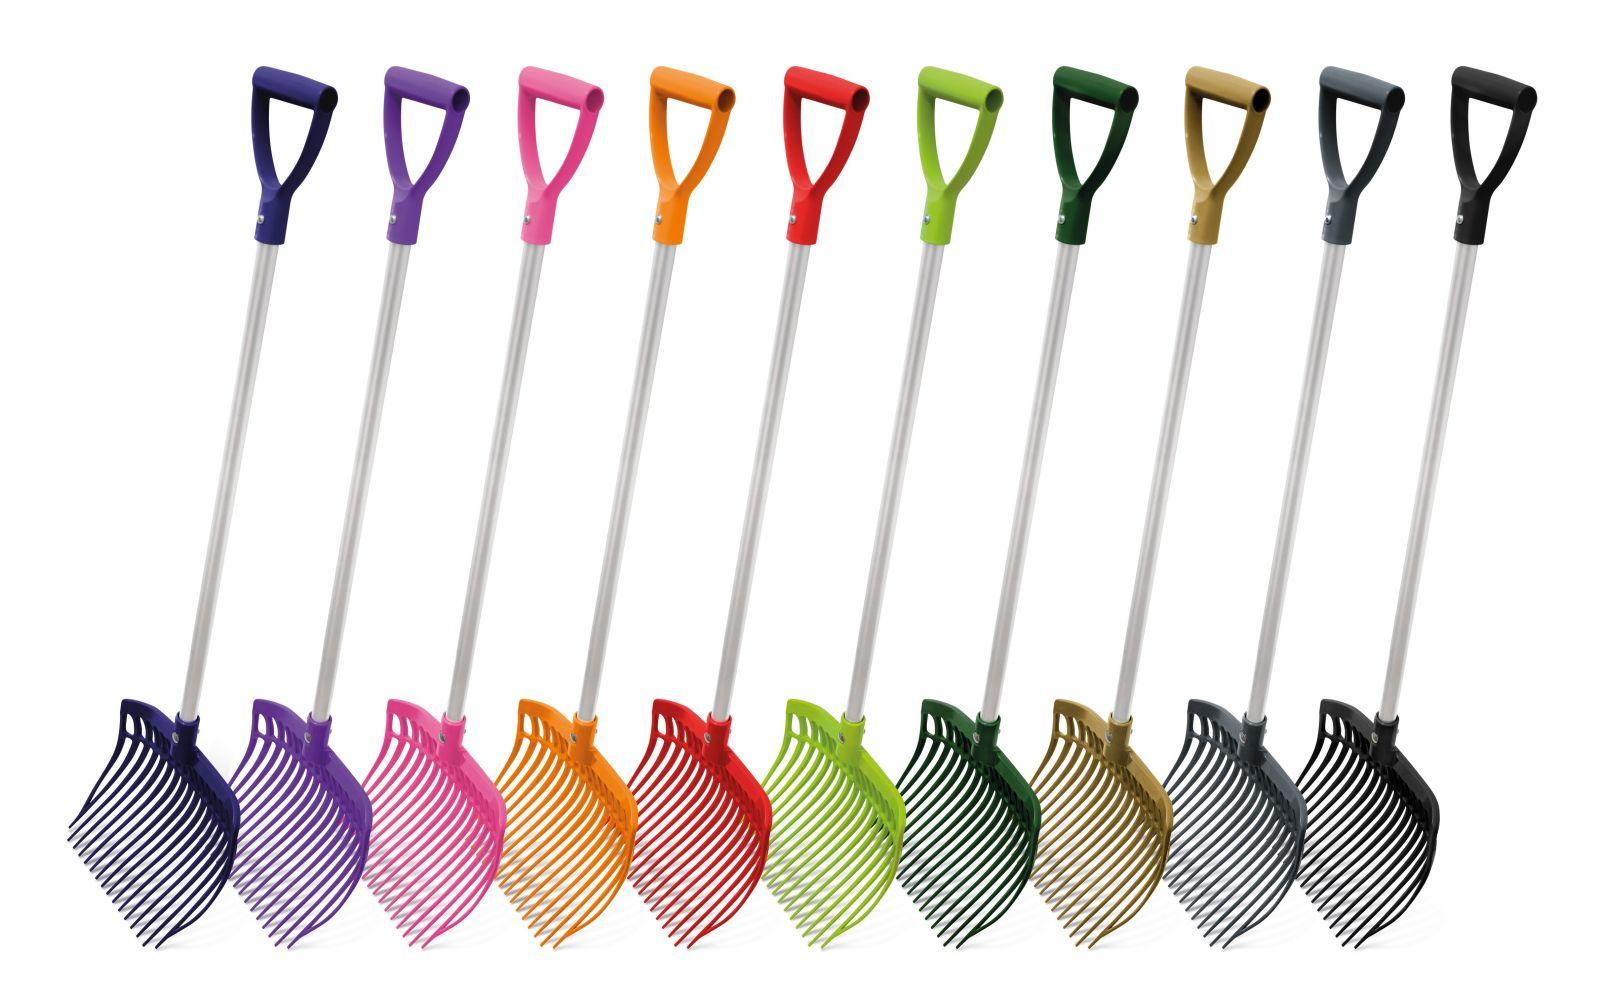 Ultimate Childs Shavings Forks